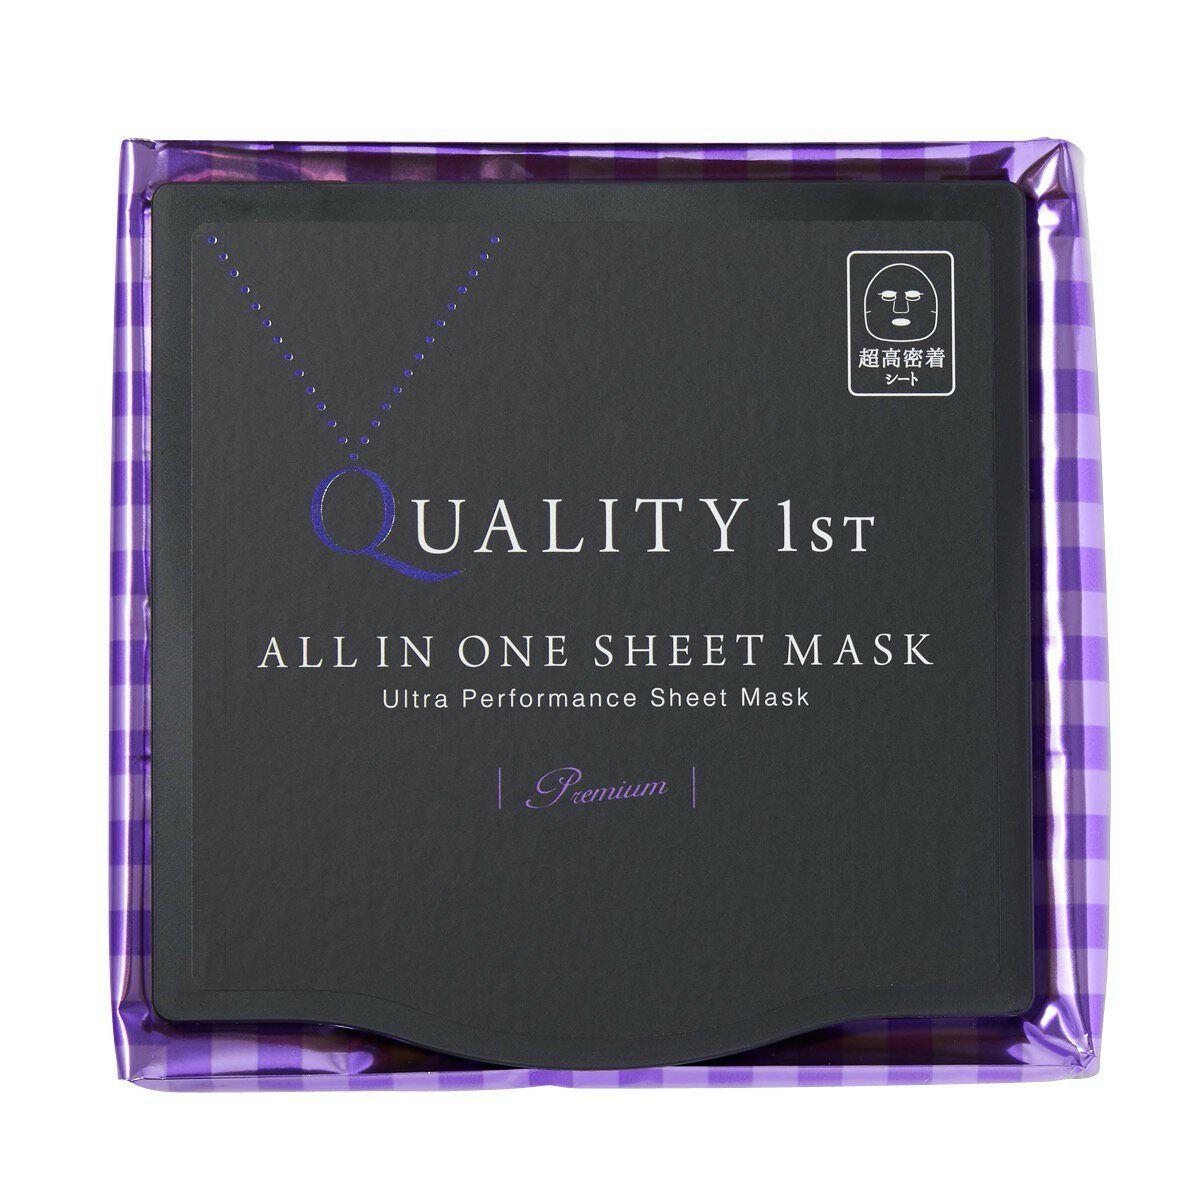 クオリティファースト QUALITY 1ST オールインワンシートマスク プレミアムEX 20枚入のバリエーション9